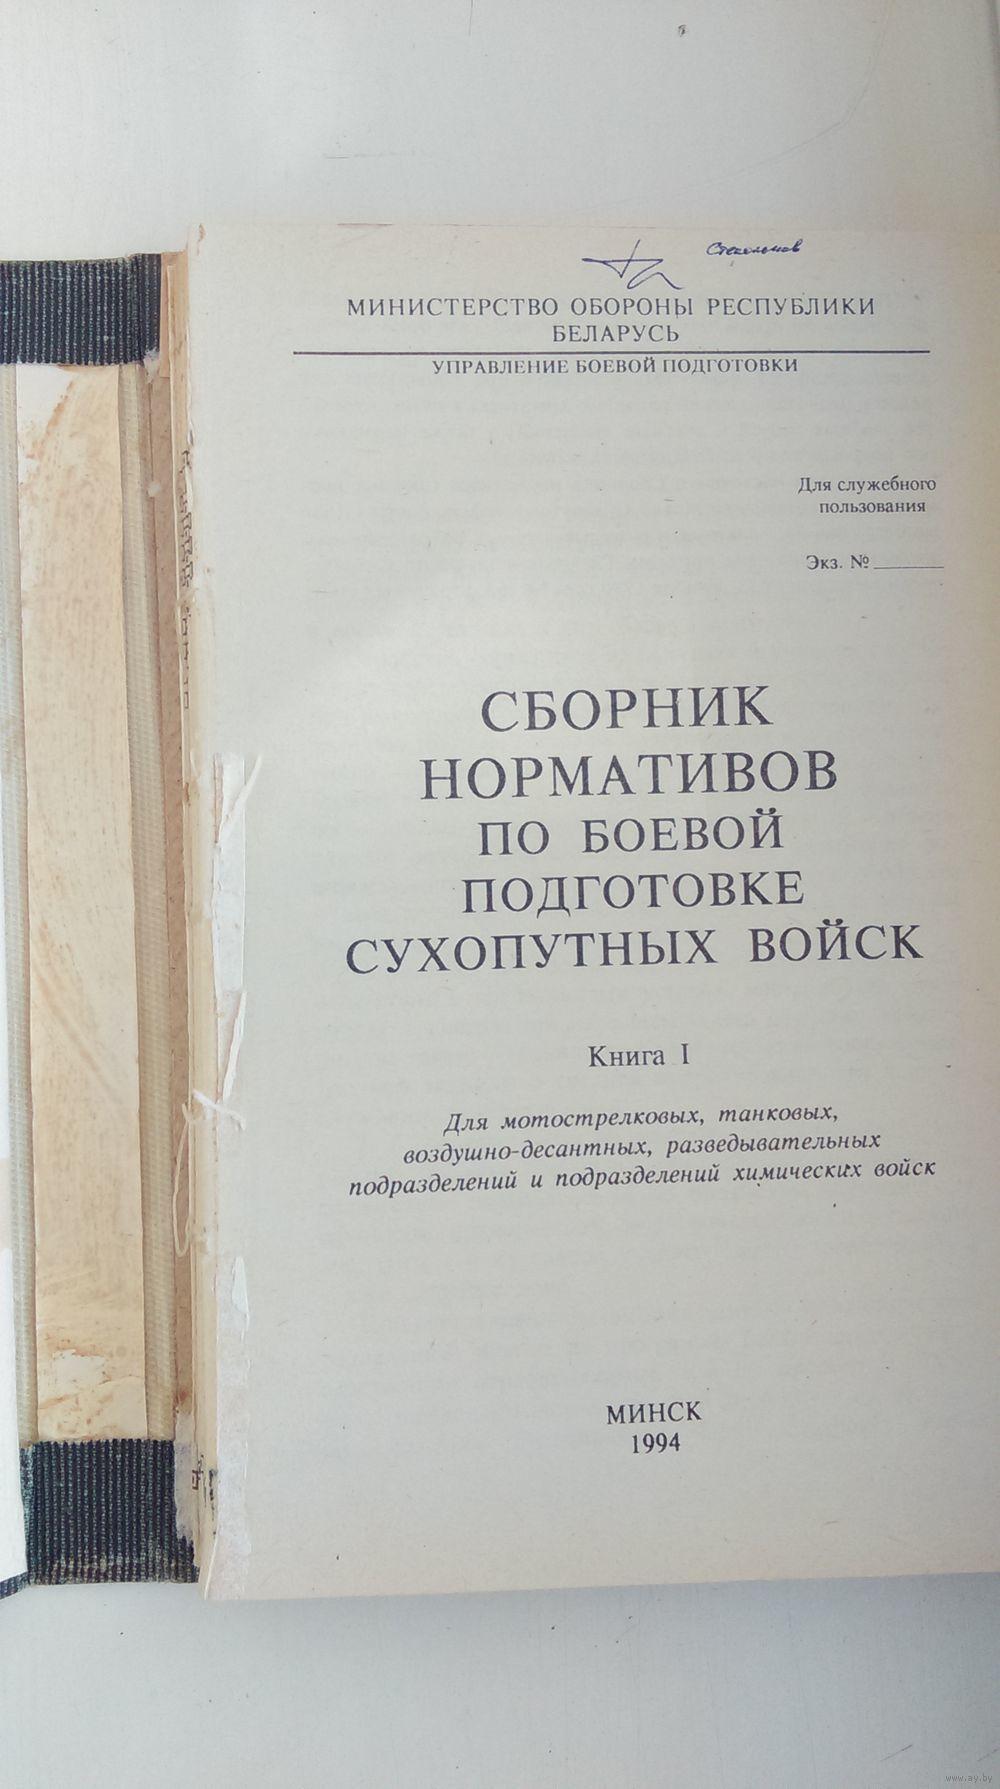 единый сборник нормативов для войск связи